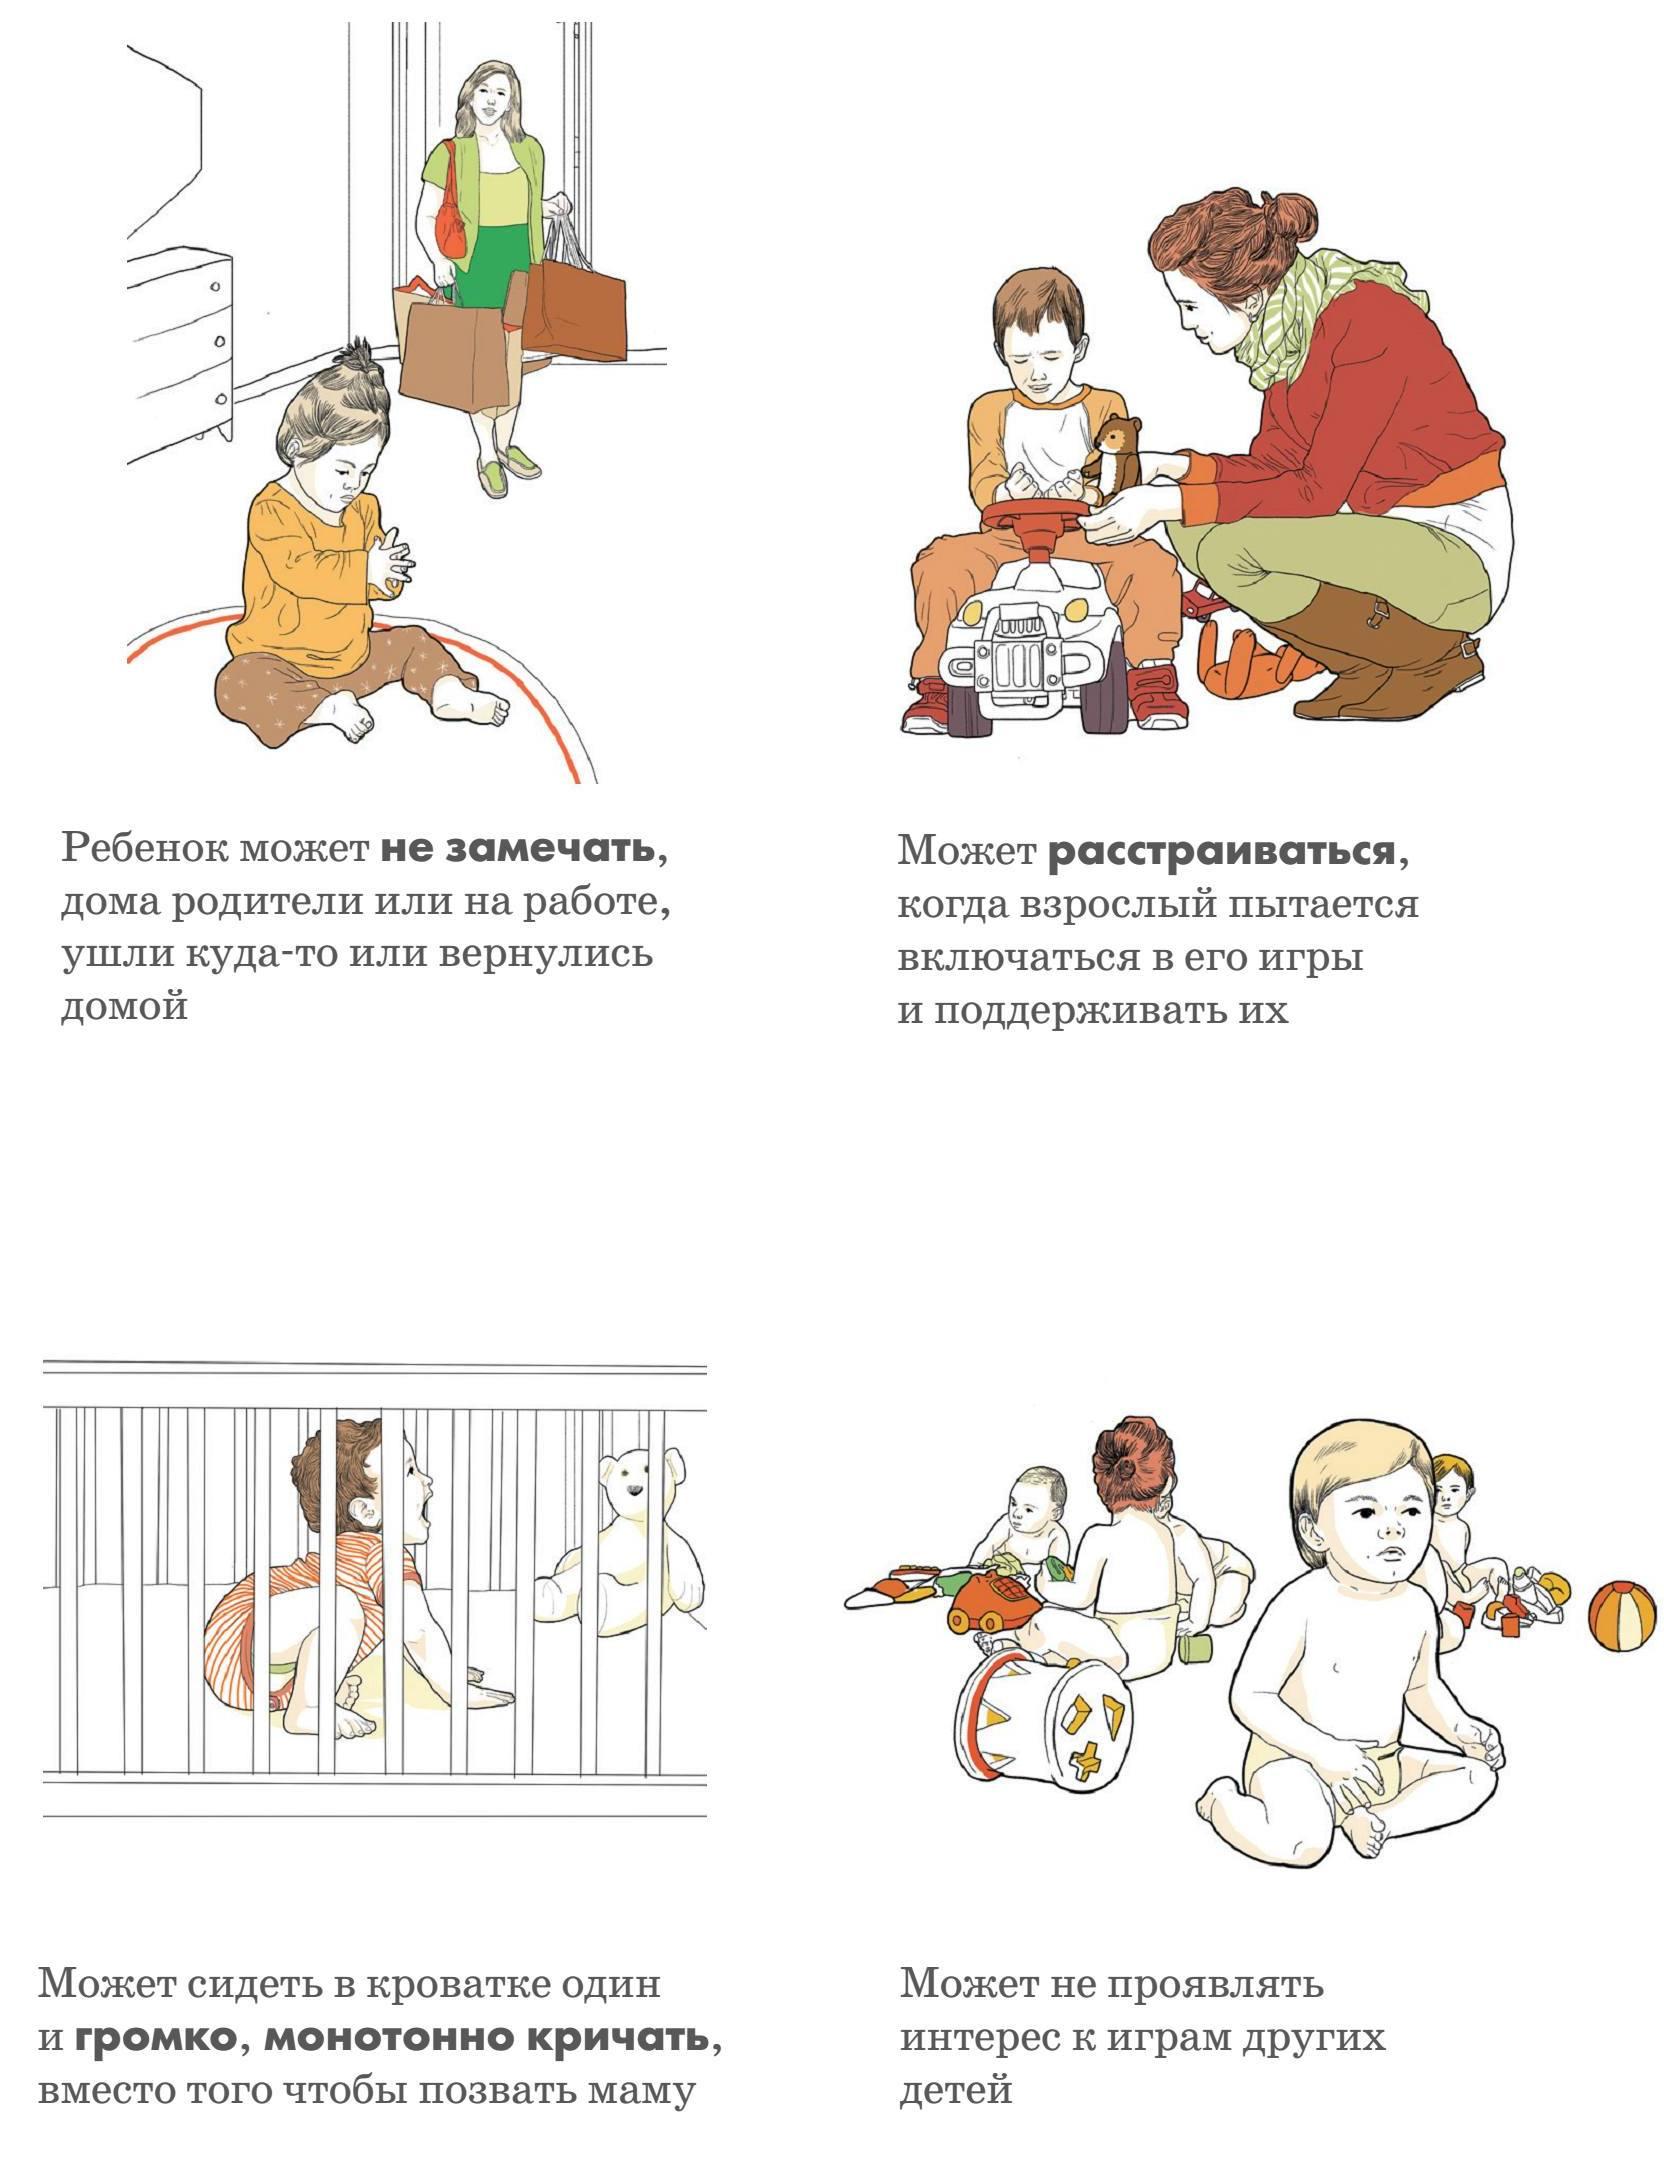 аутизм ранние признаки и симптомы